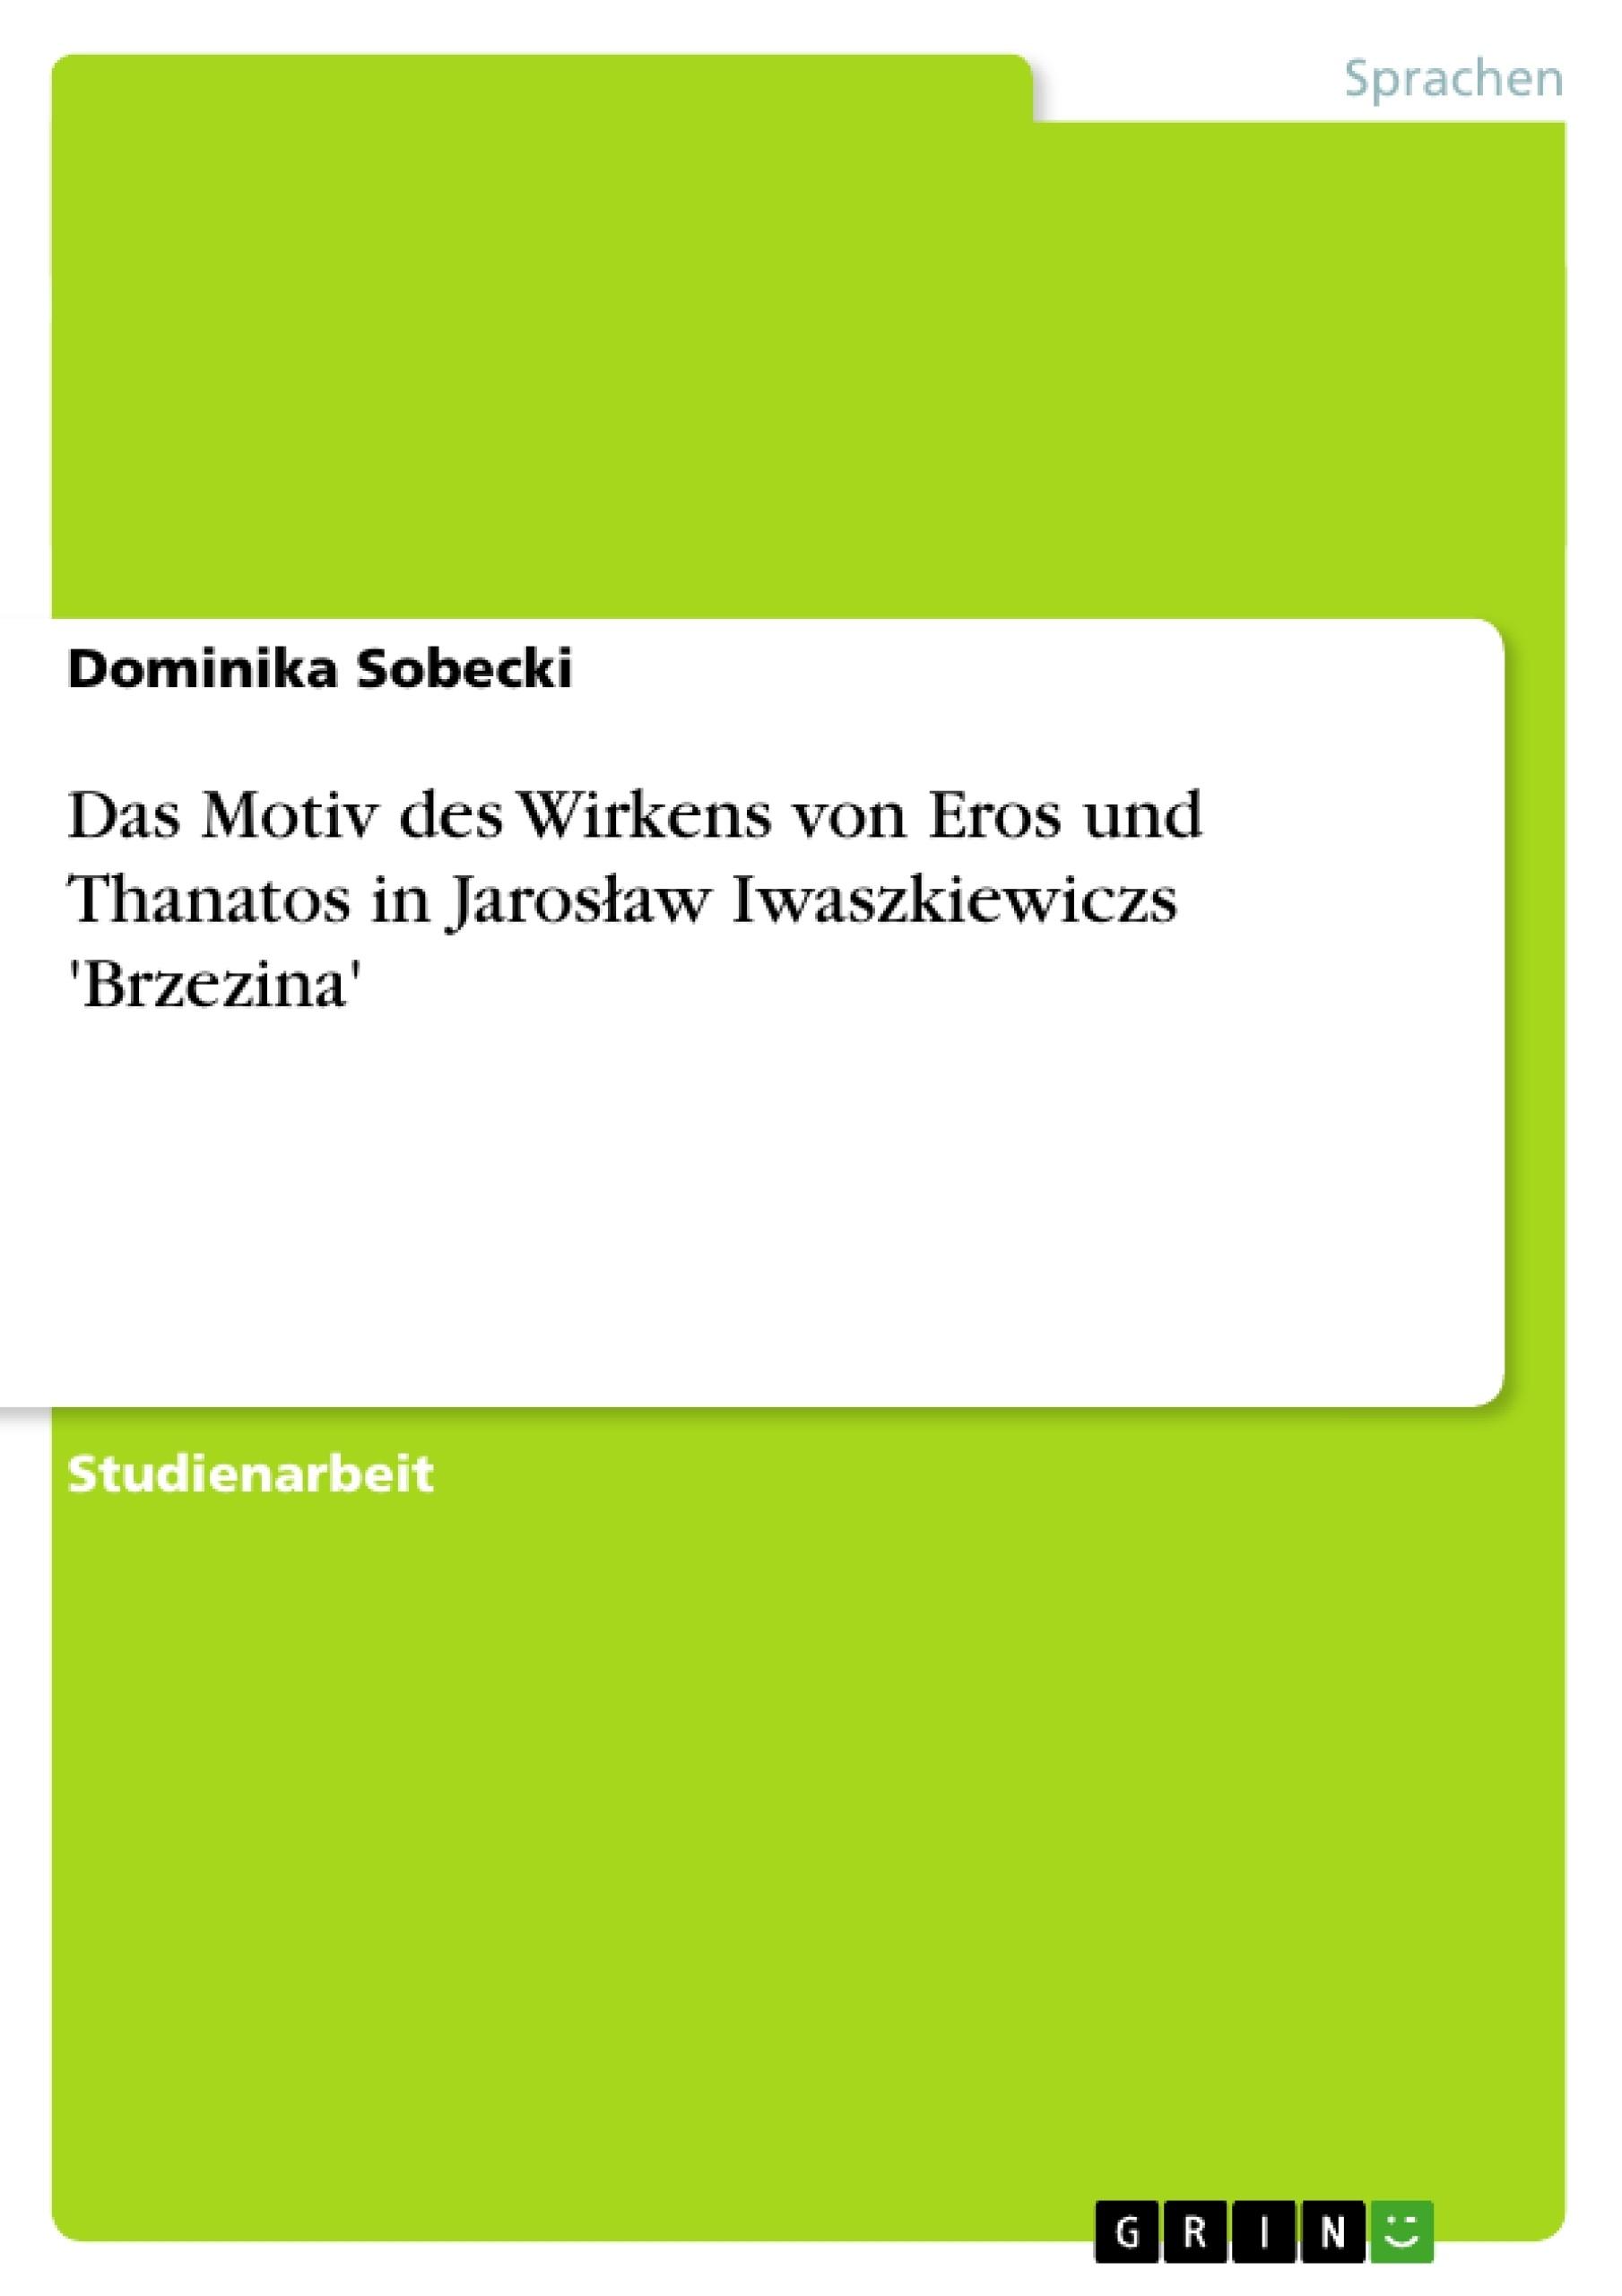 Titel: Das Motiv des Wirkens von Eros und Thanatos in Jarosław Iwaszkiewiczs 'Brzezina'